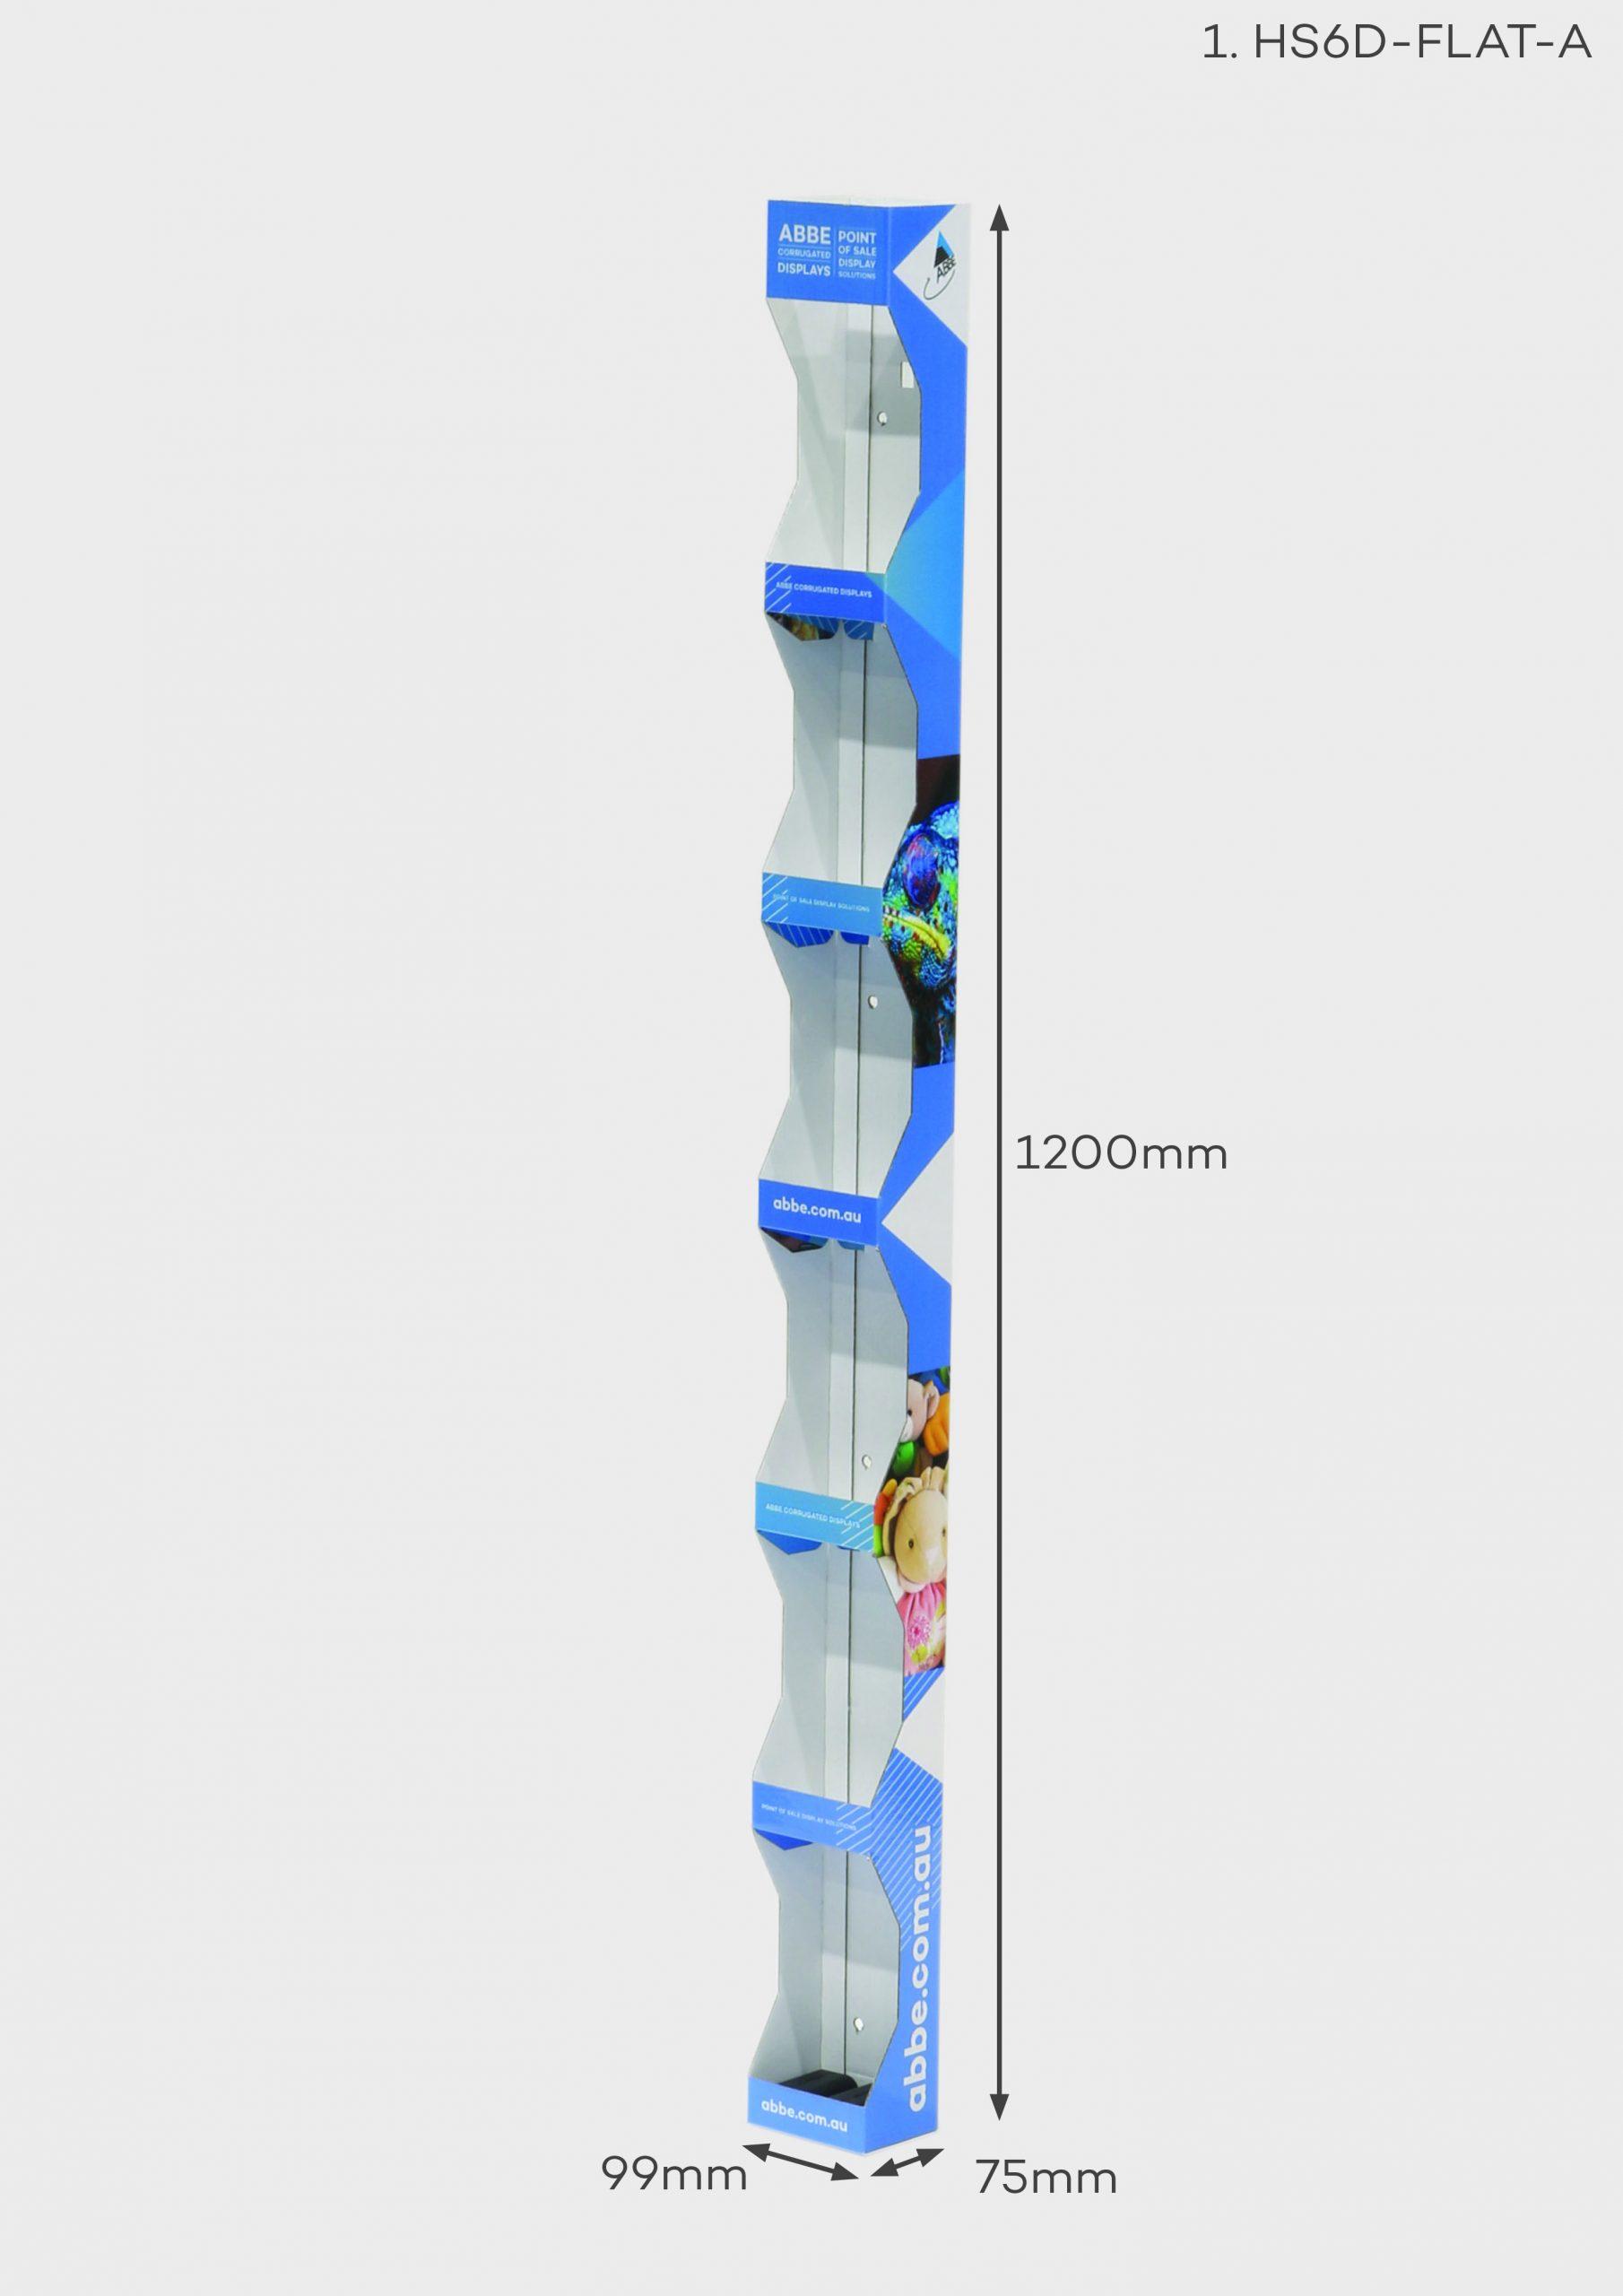 6 Shelf Hangsell Display (Ref HS6D-FLAT-A)